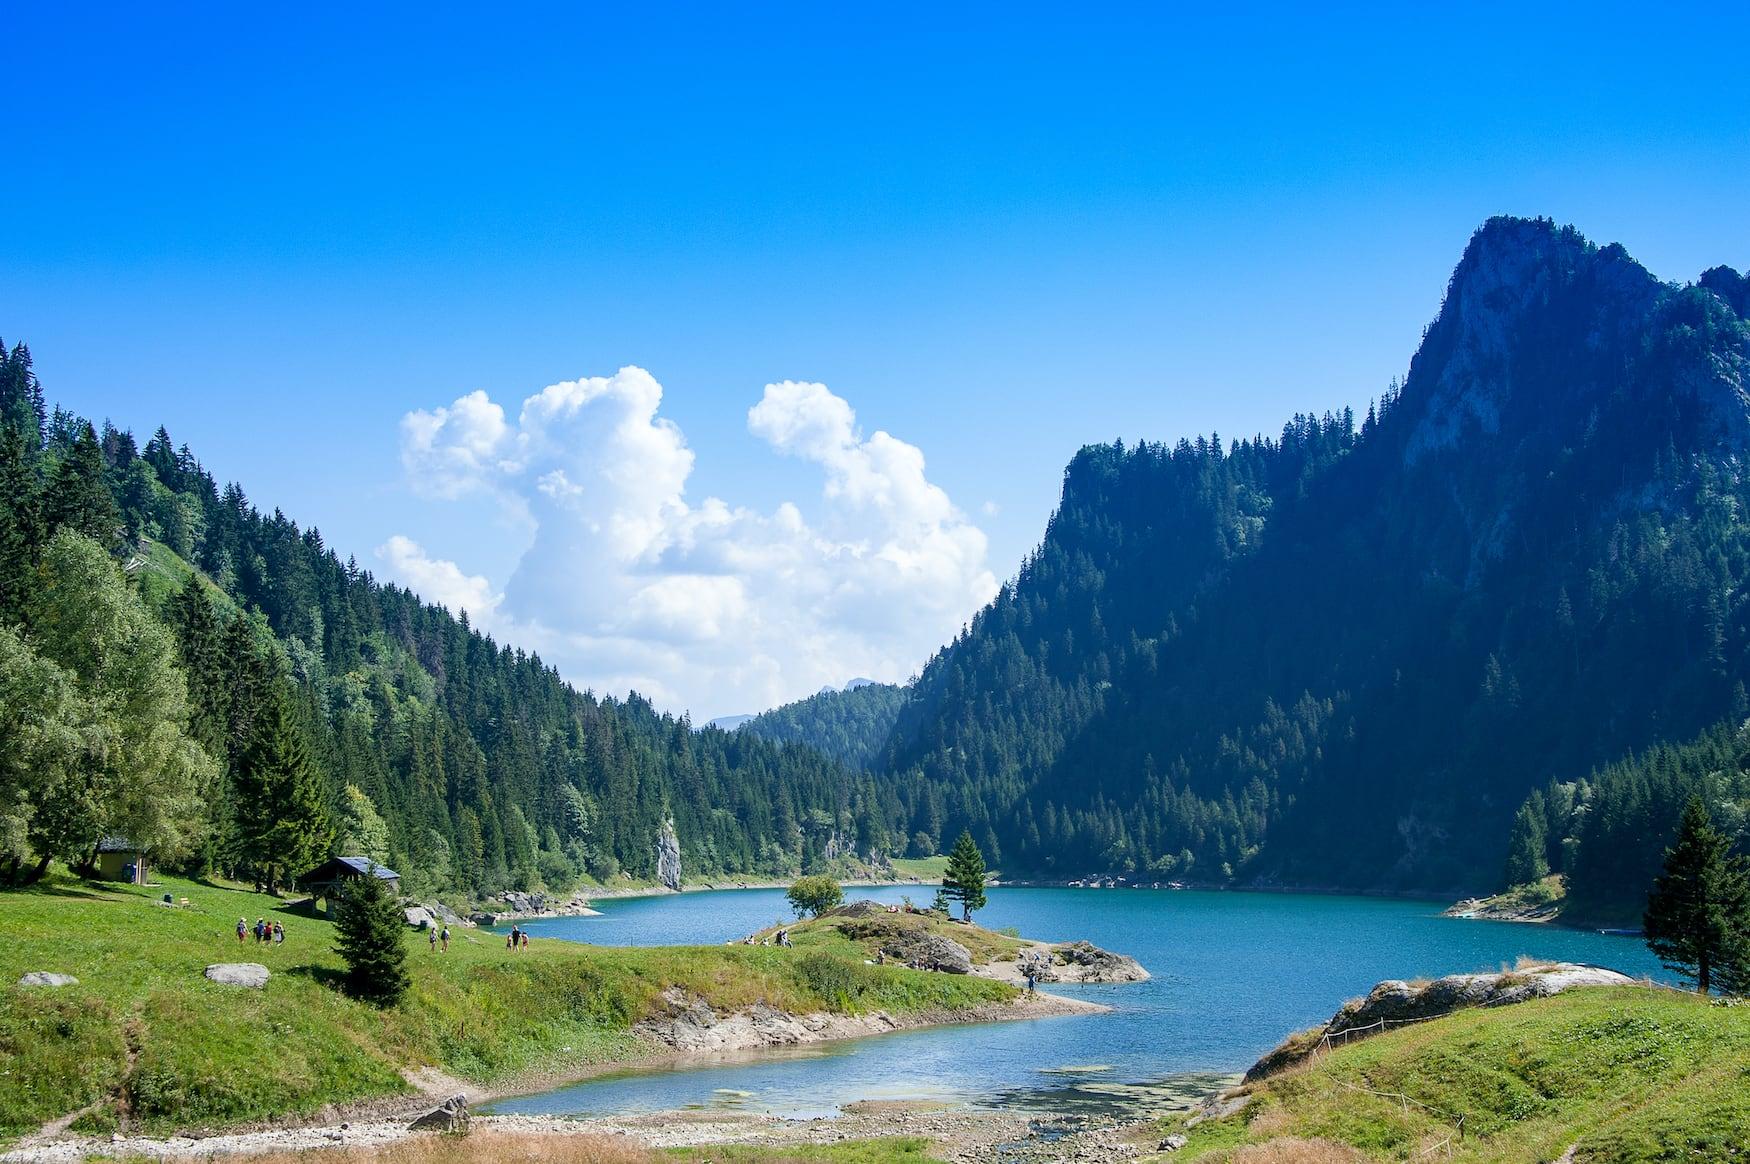 Ruhige Bergseenlandschaft, Lac de Tanay, Schweiz. Klares blaues Wasser eingebettet zwischen grün bewaldeten Gipfeln im Sommer